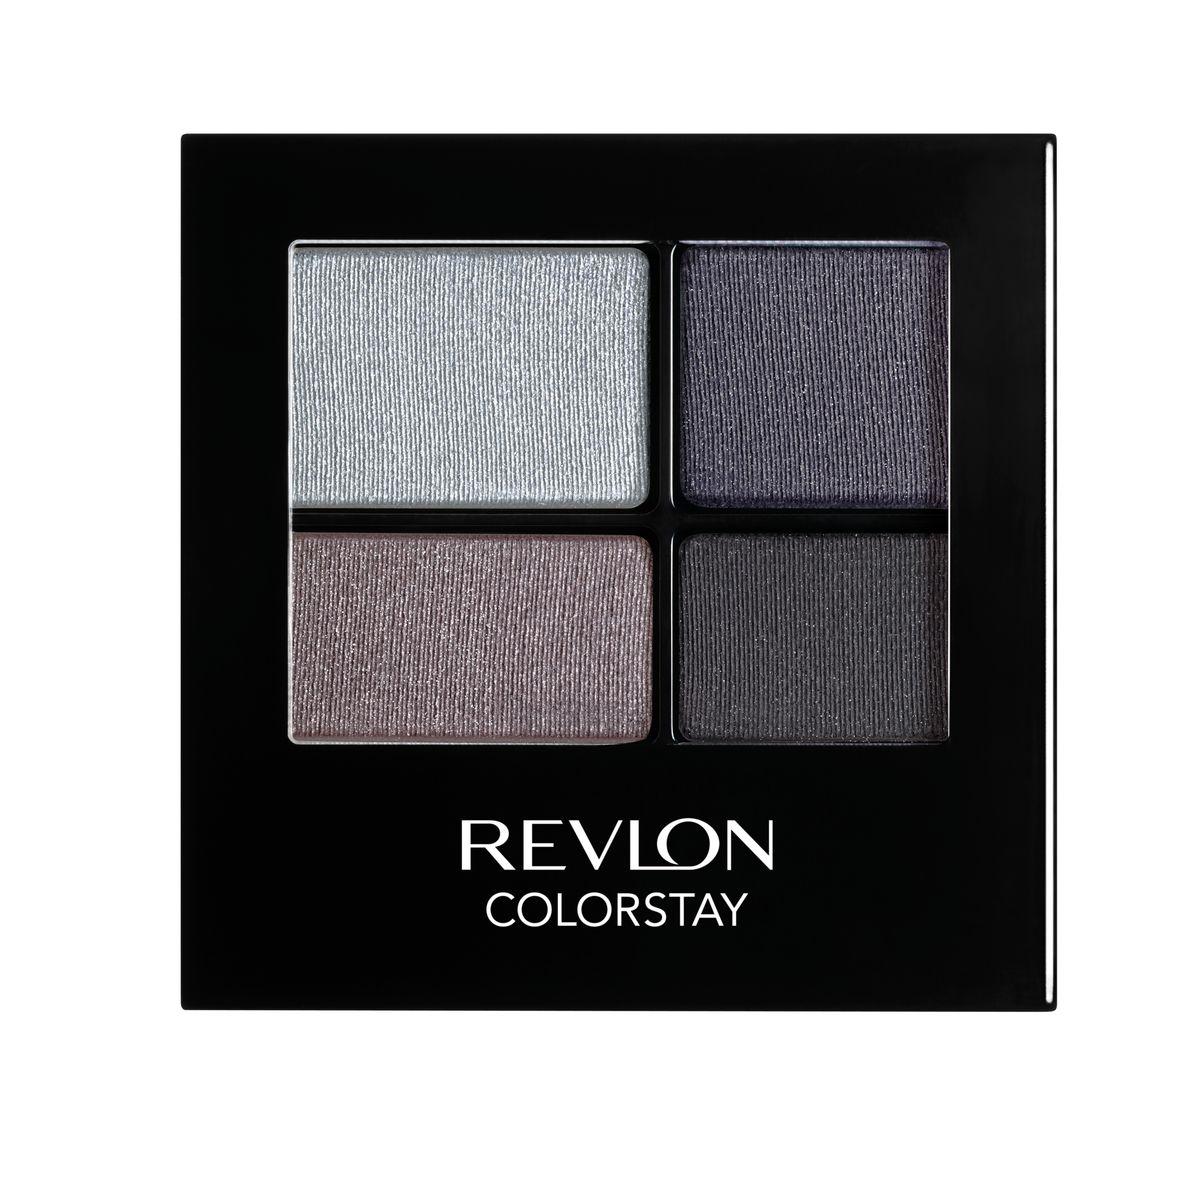 Revlon Тени для Век Четырехцветные Colorstay Eye16 Hour Eye Shadow Quad Siren 525 42 г7210767006Colorstay 16 Hour Shadow - роскошные тени для век с шелковистой текстурой и невероятно стойкой формулой. Теперь ваш макияж сохранит свой безупречный вид не менее 16 часов! Все оттенки гармонично сочетаются друг с другом и легко смешиваются, позволяя создать бесконечное количество вариантов макияжа глаз: от нежных, естественных, едва заметных до ярких, выразительных, драматических. На оборотной стороне продукта приведена схема нанесения теней.